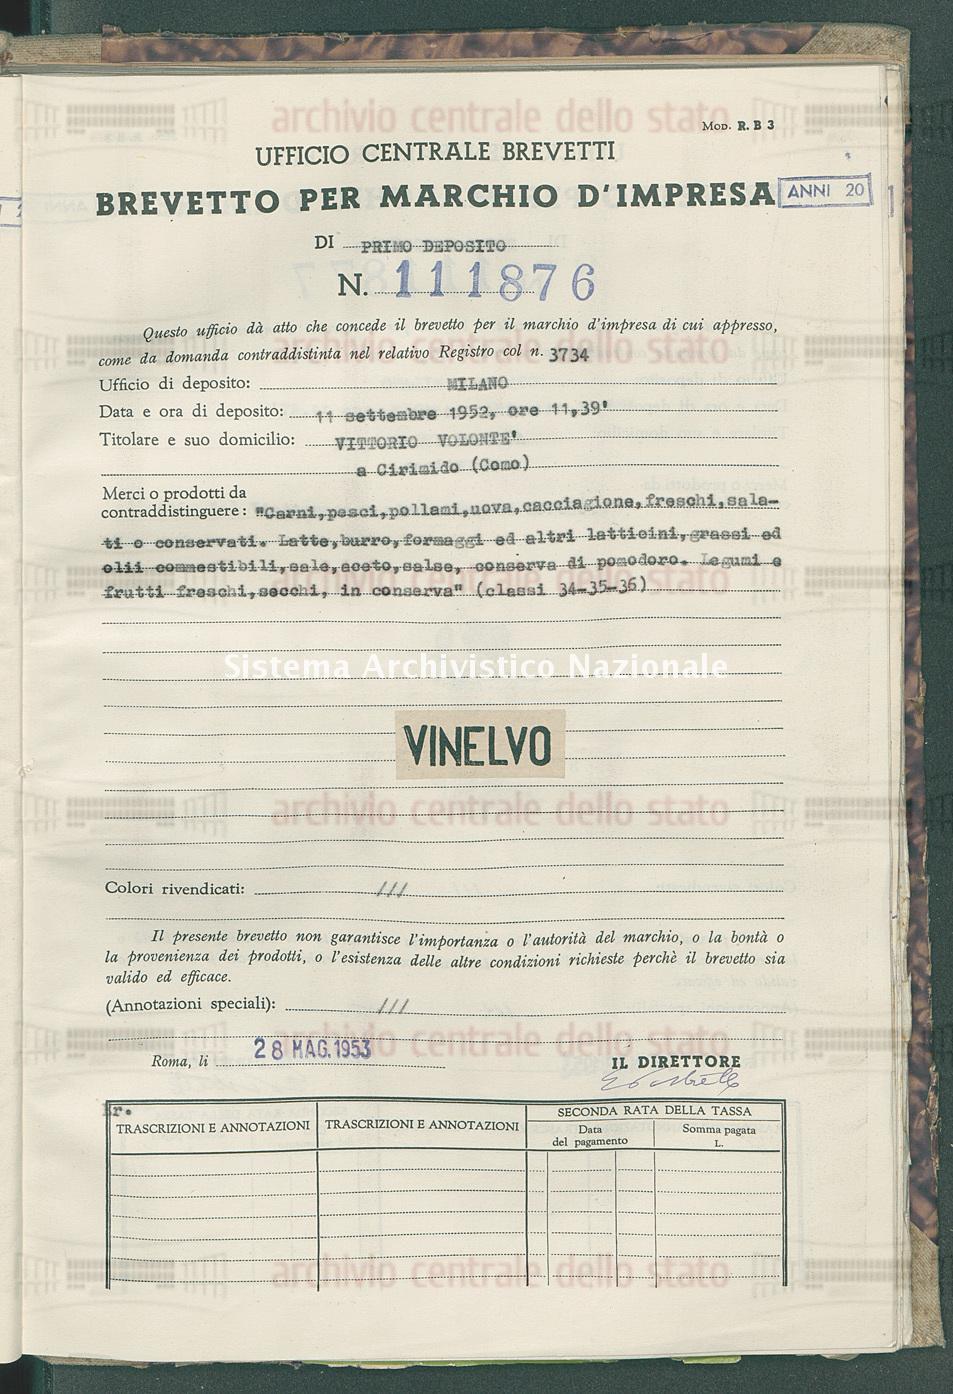 'Carni, pesci, pollami, uova, cacciagione, freschi, salati e conservat Vittorio Volonte' (28/05/1953)